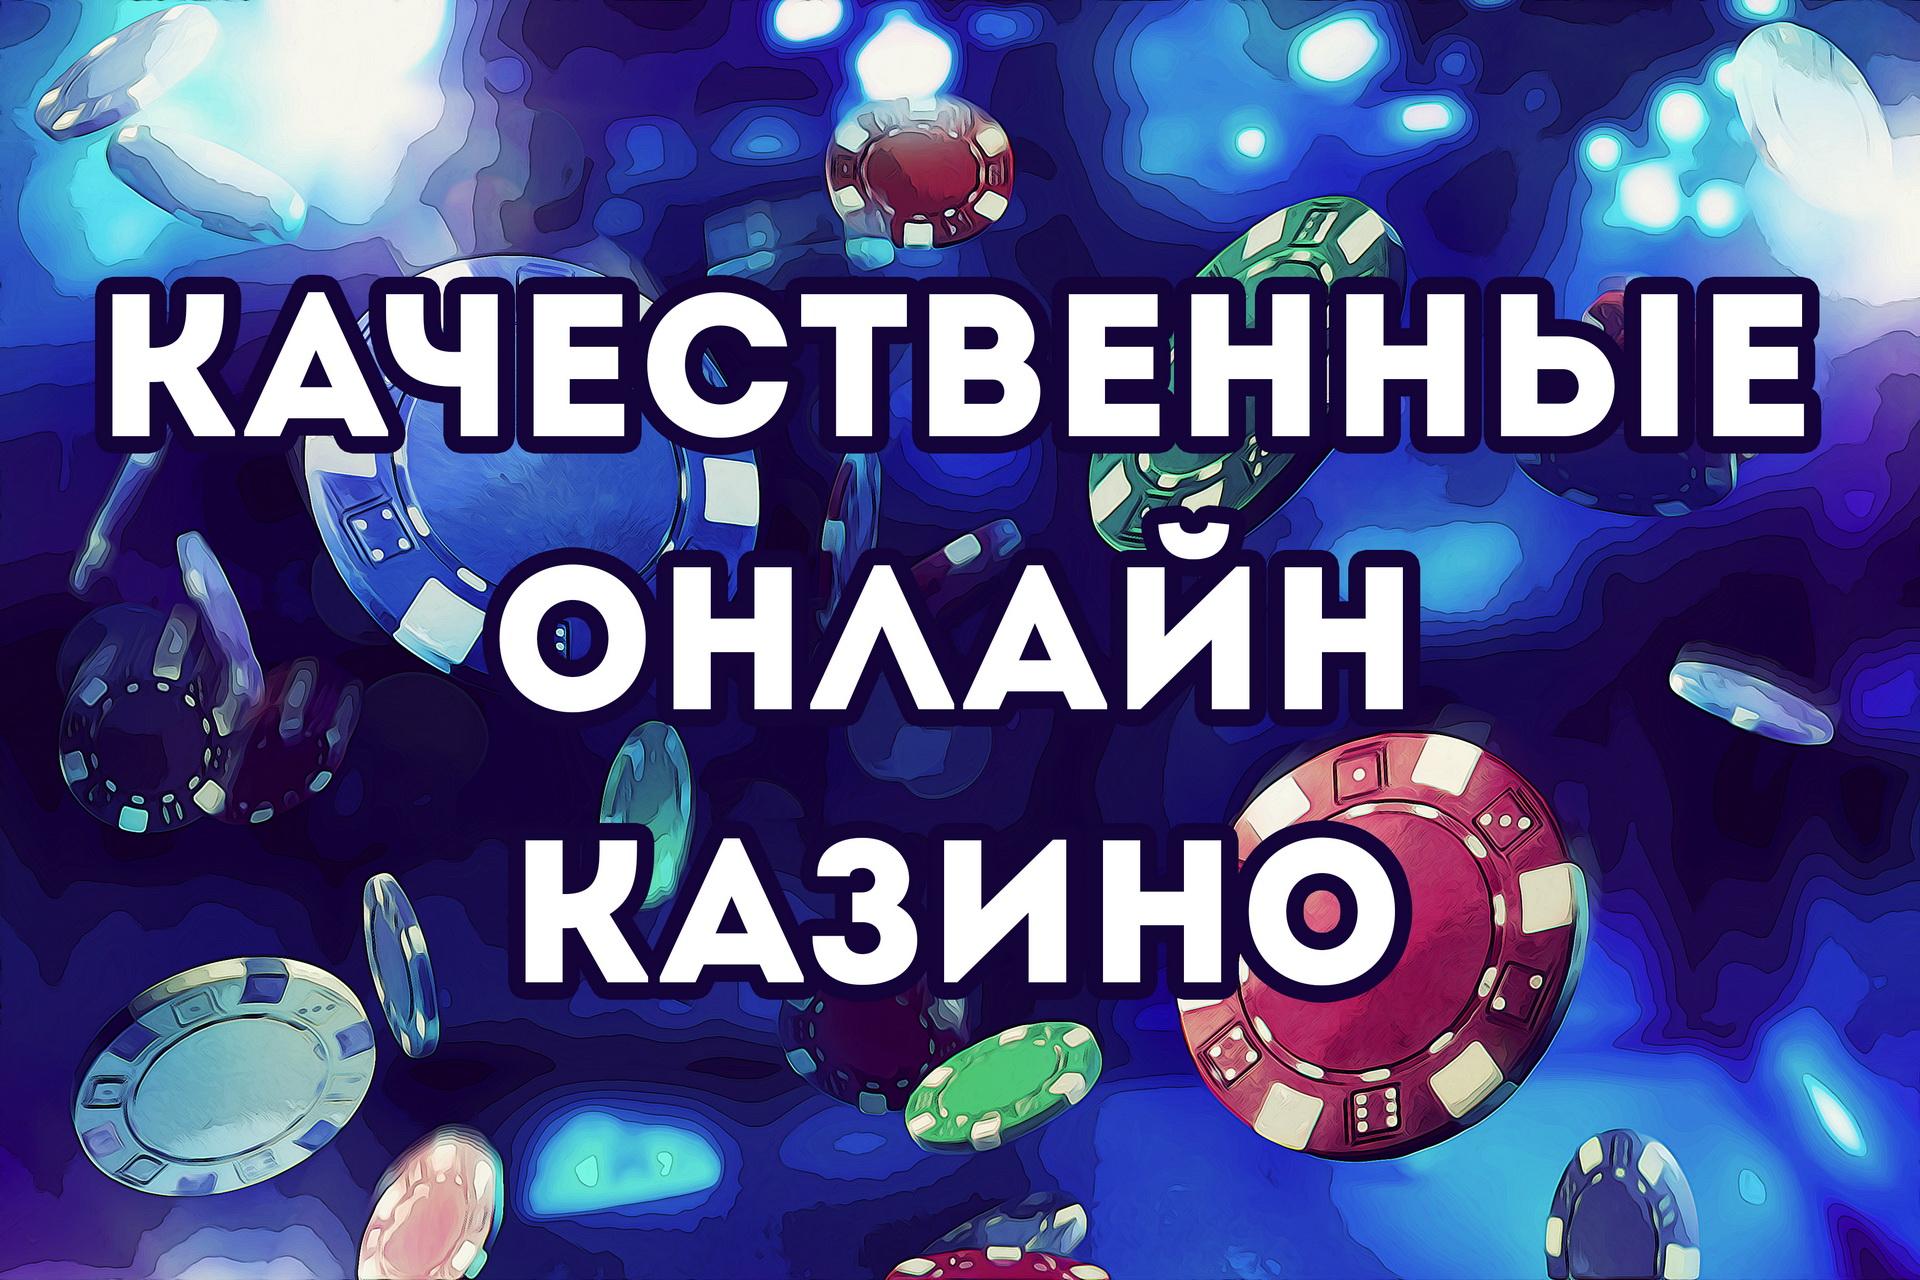 Посоветуйте лучшее онлайн казино